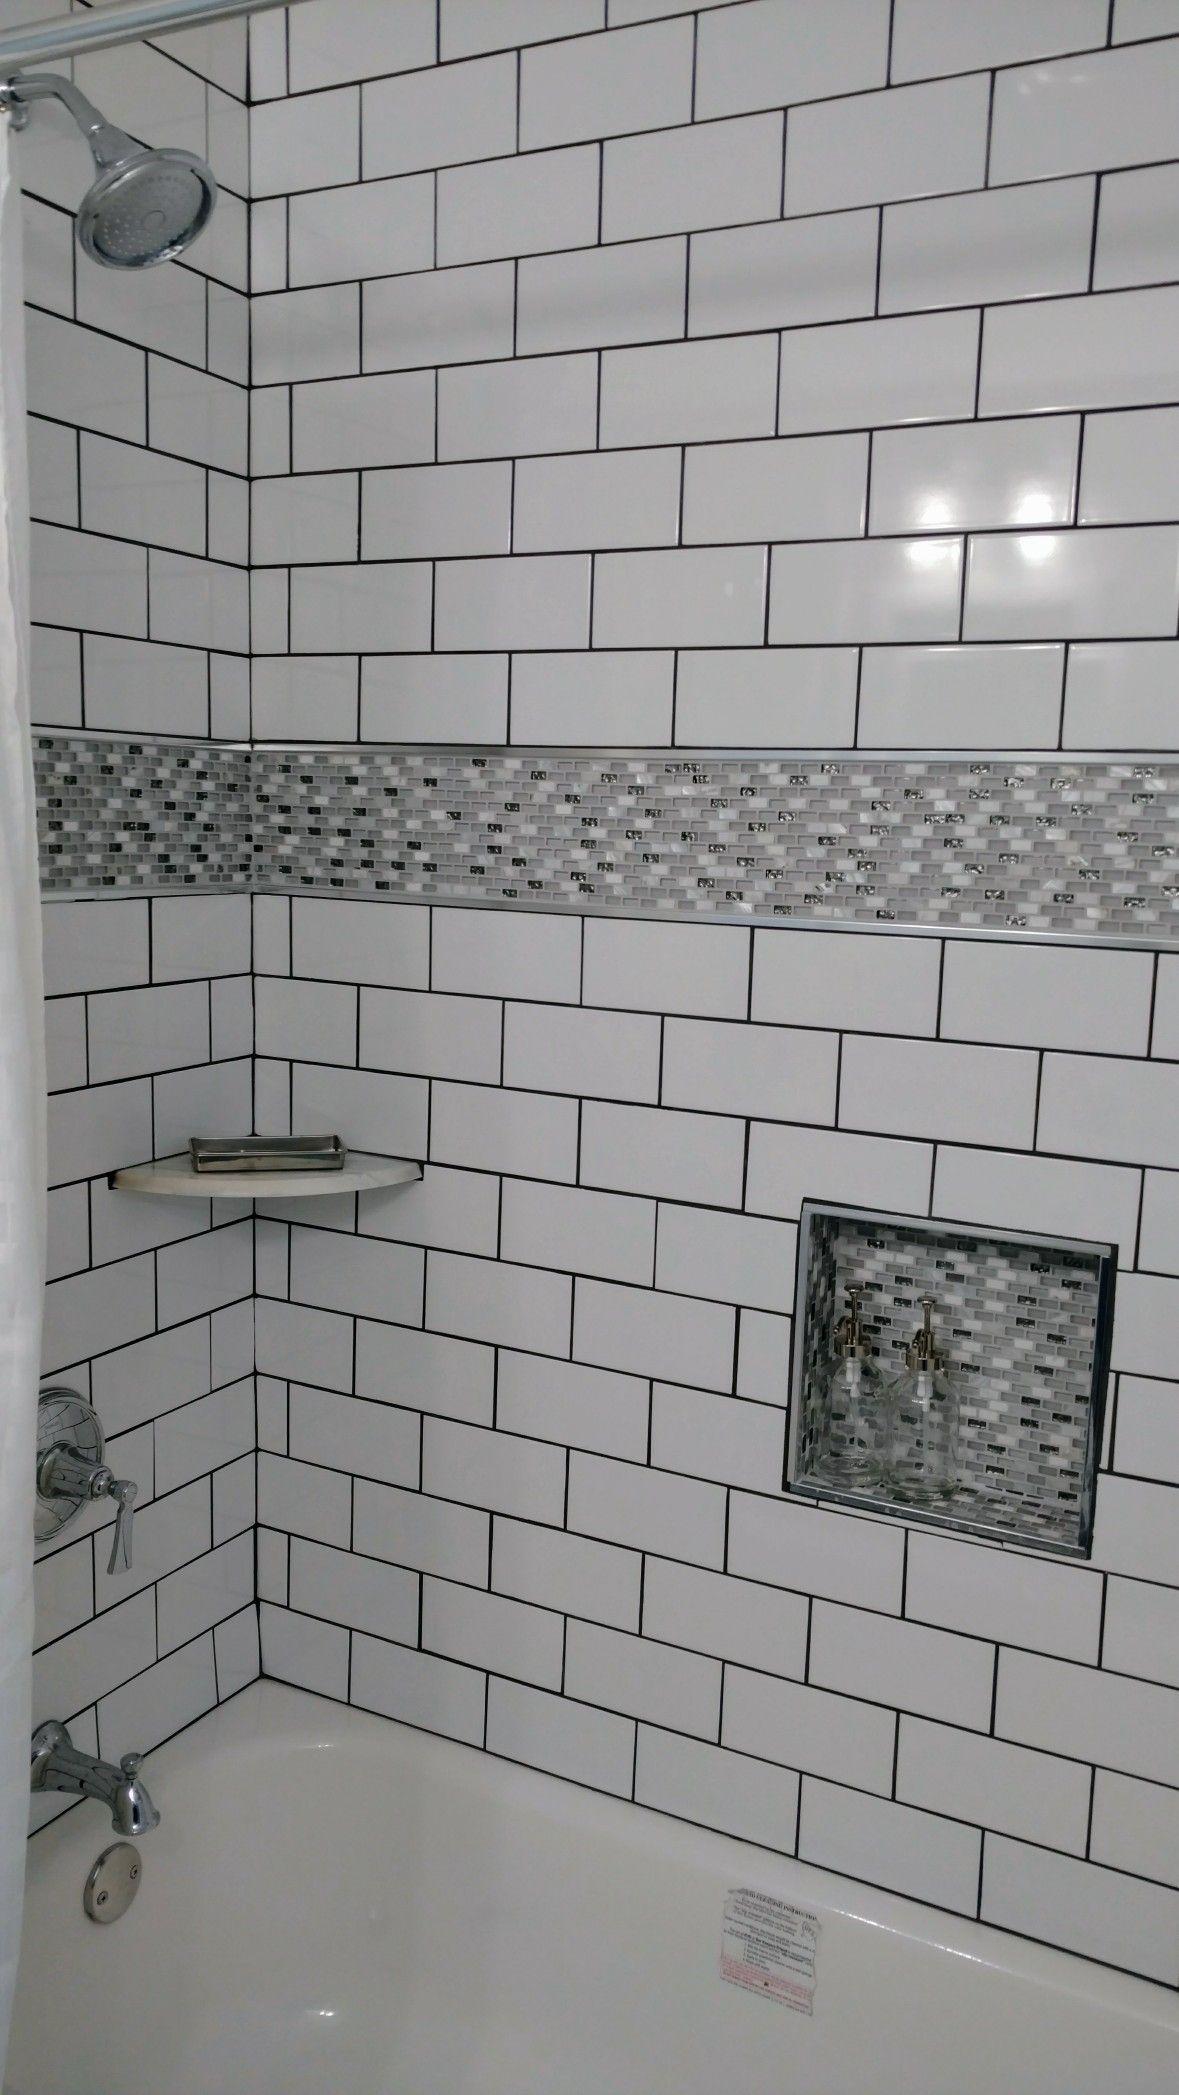 White Subway Tiles Glass Tile Niche Marble Corner Shelf Chrome